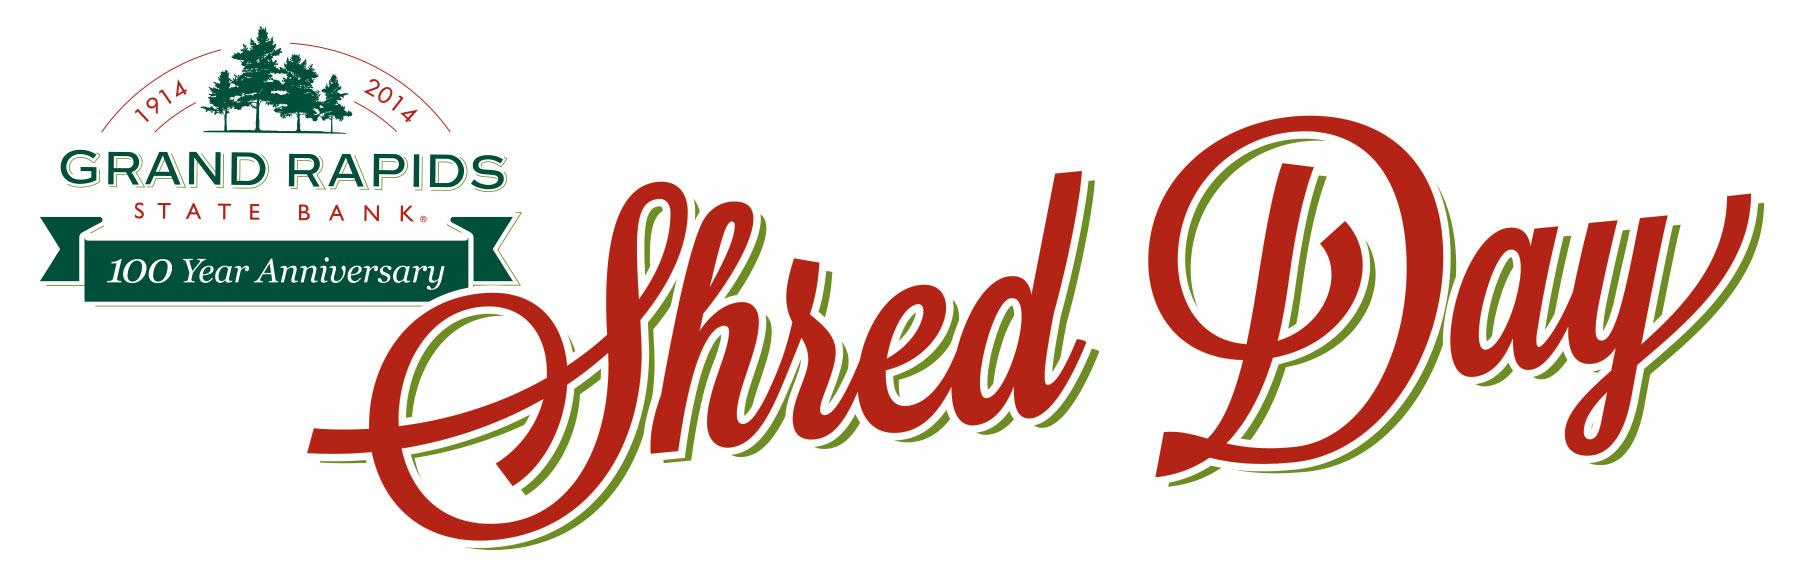 GRSB_ShredDay_Title.jpg